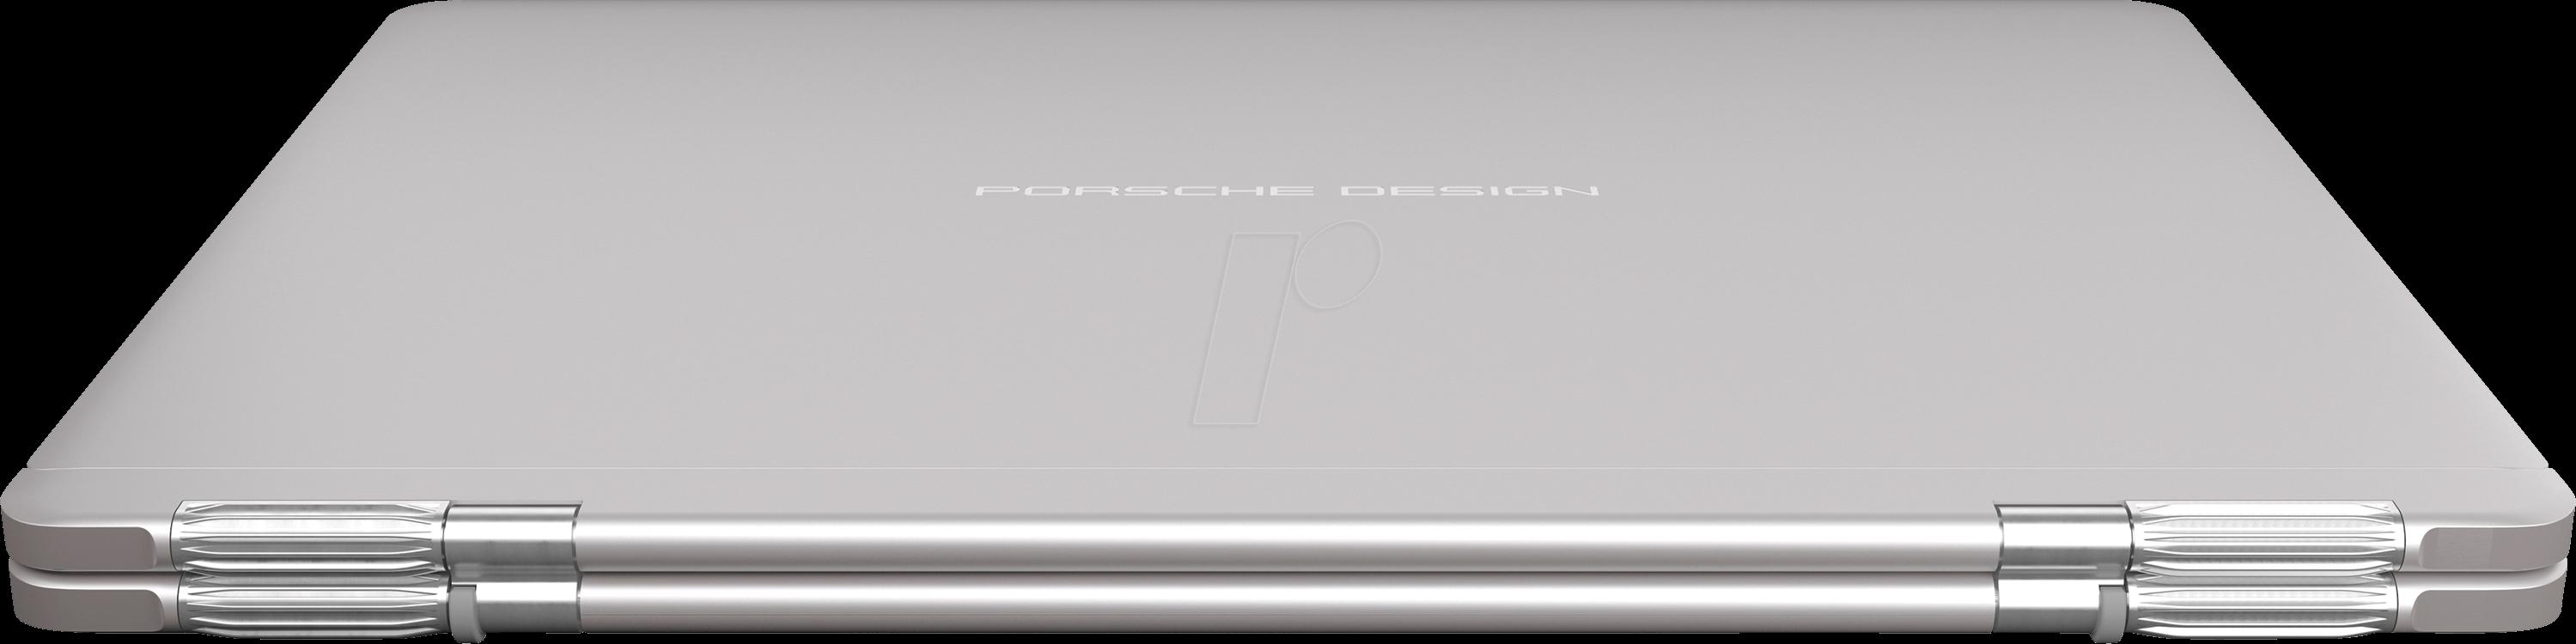 https://cdn-reichelt.de/bilder/web/xxl_ws/E910/PORSCHE_DESIGN_BOOK_ONE_11.png